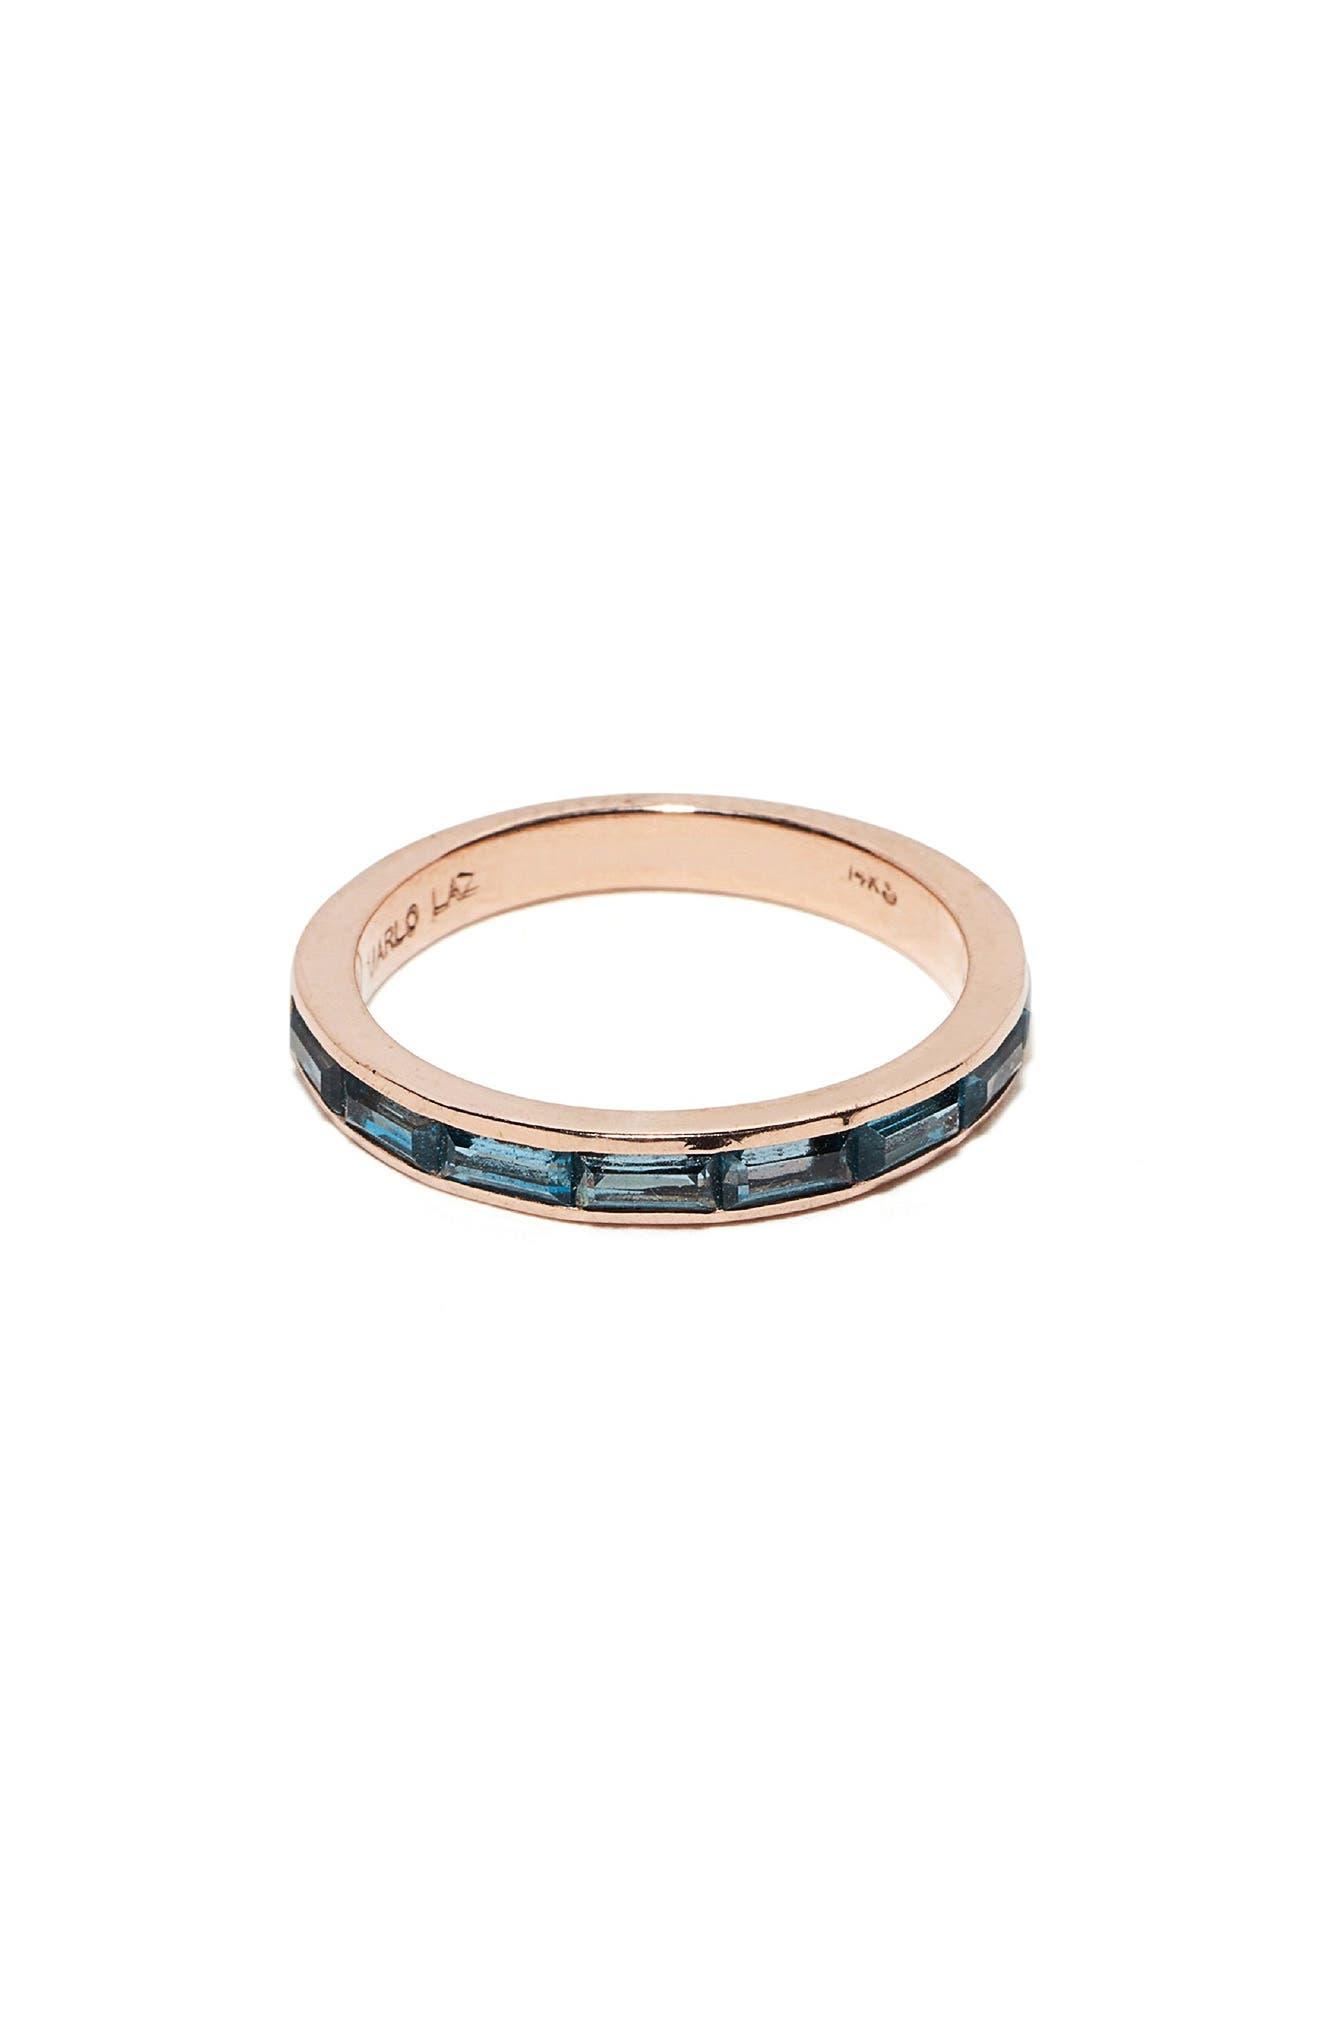 Blue Topaz Baguette Ring,                         Main,                         color, ROSE GOLD